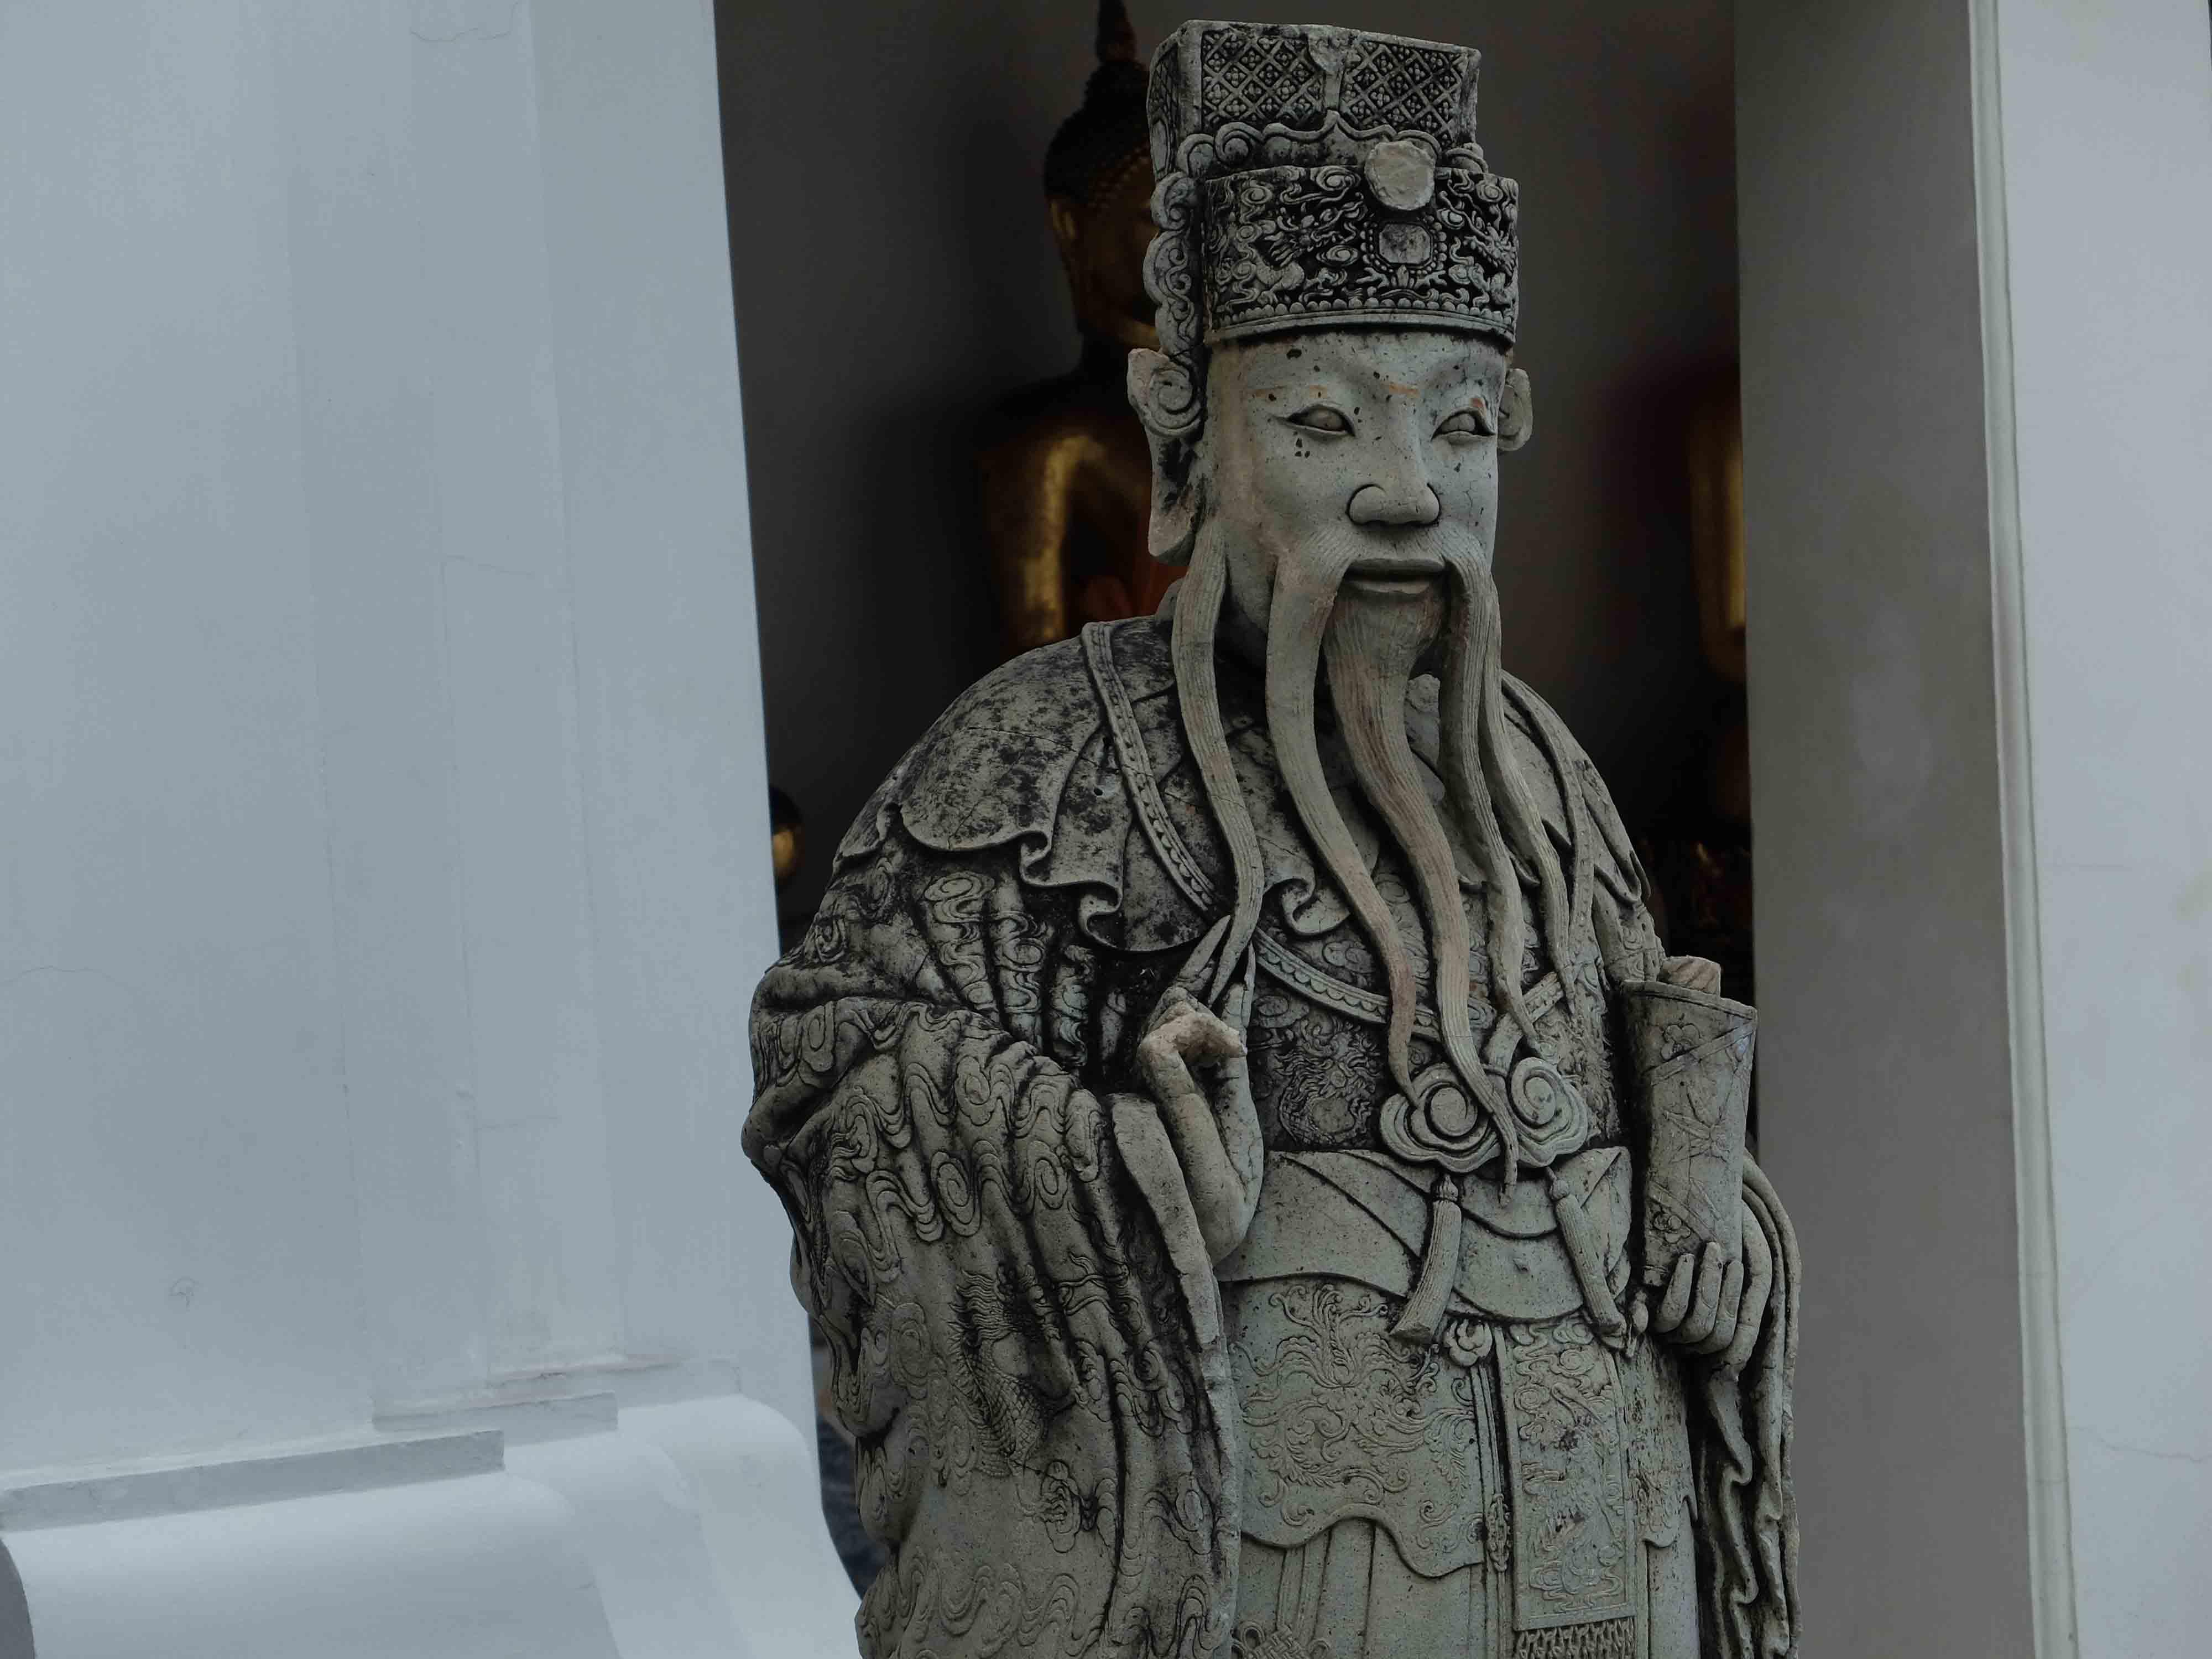 Sculpture-sage-chinois-Wat-Pho-Bangkok-Thailande.jpg